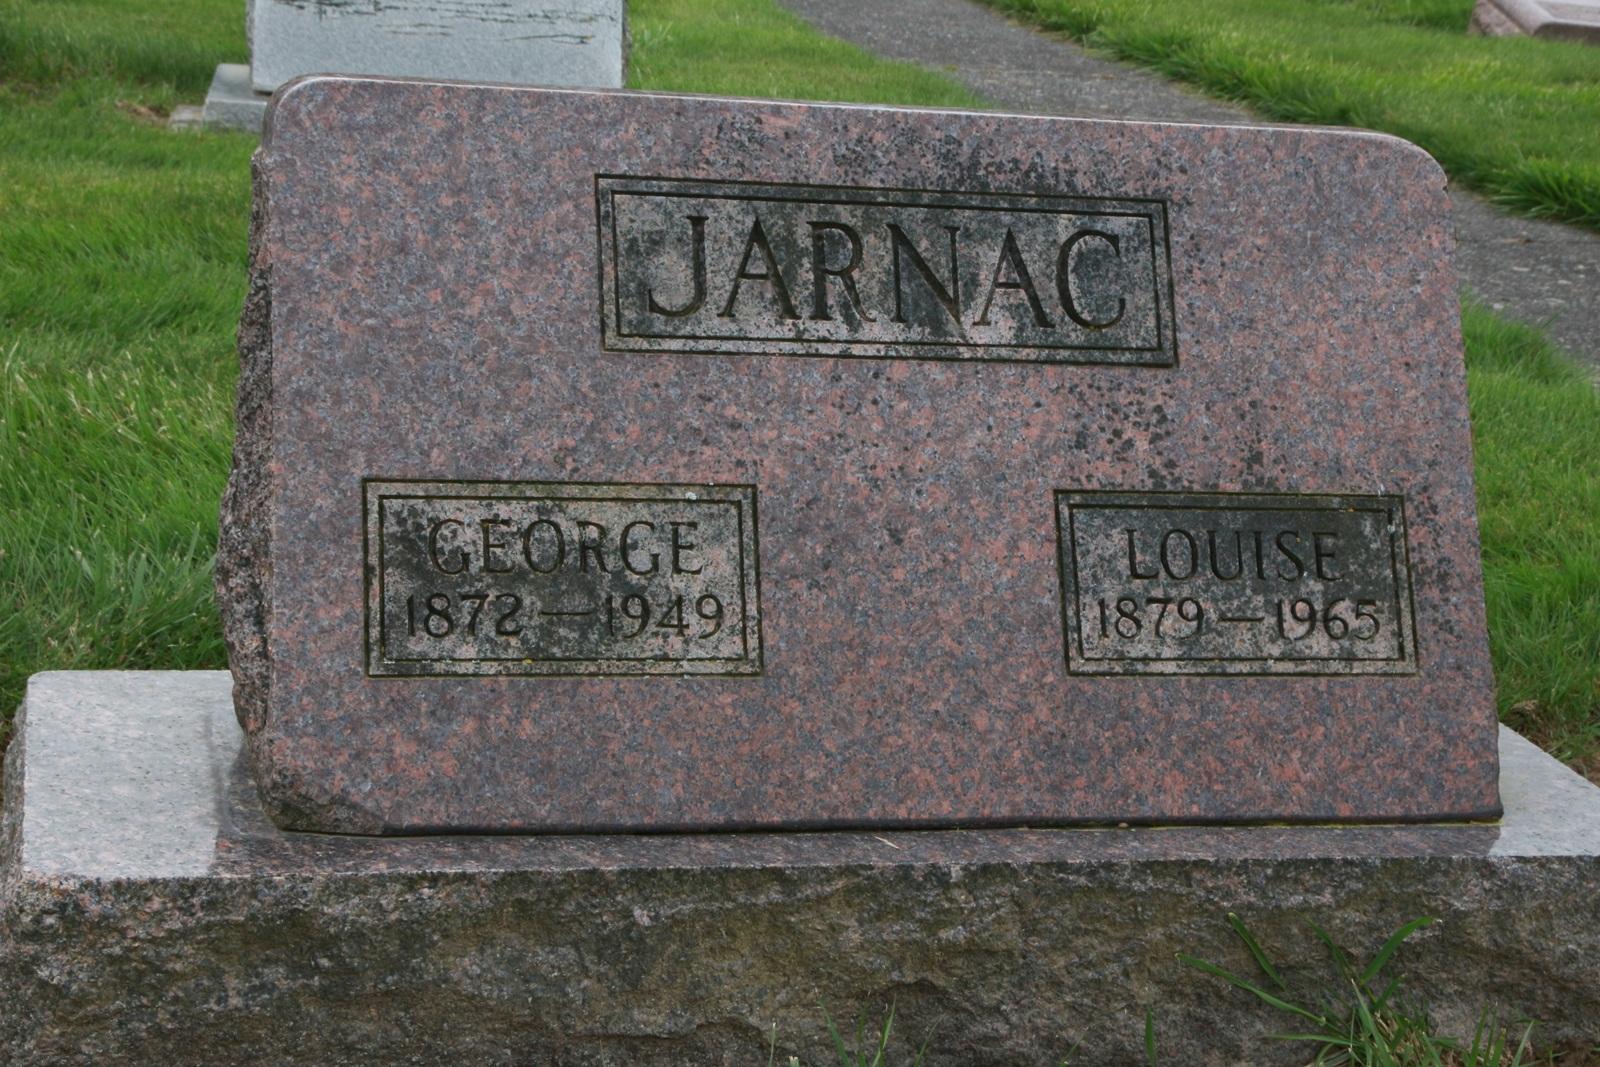 George Jarnac